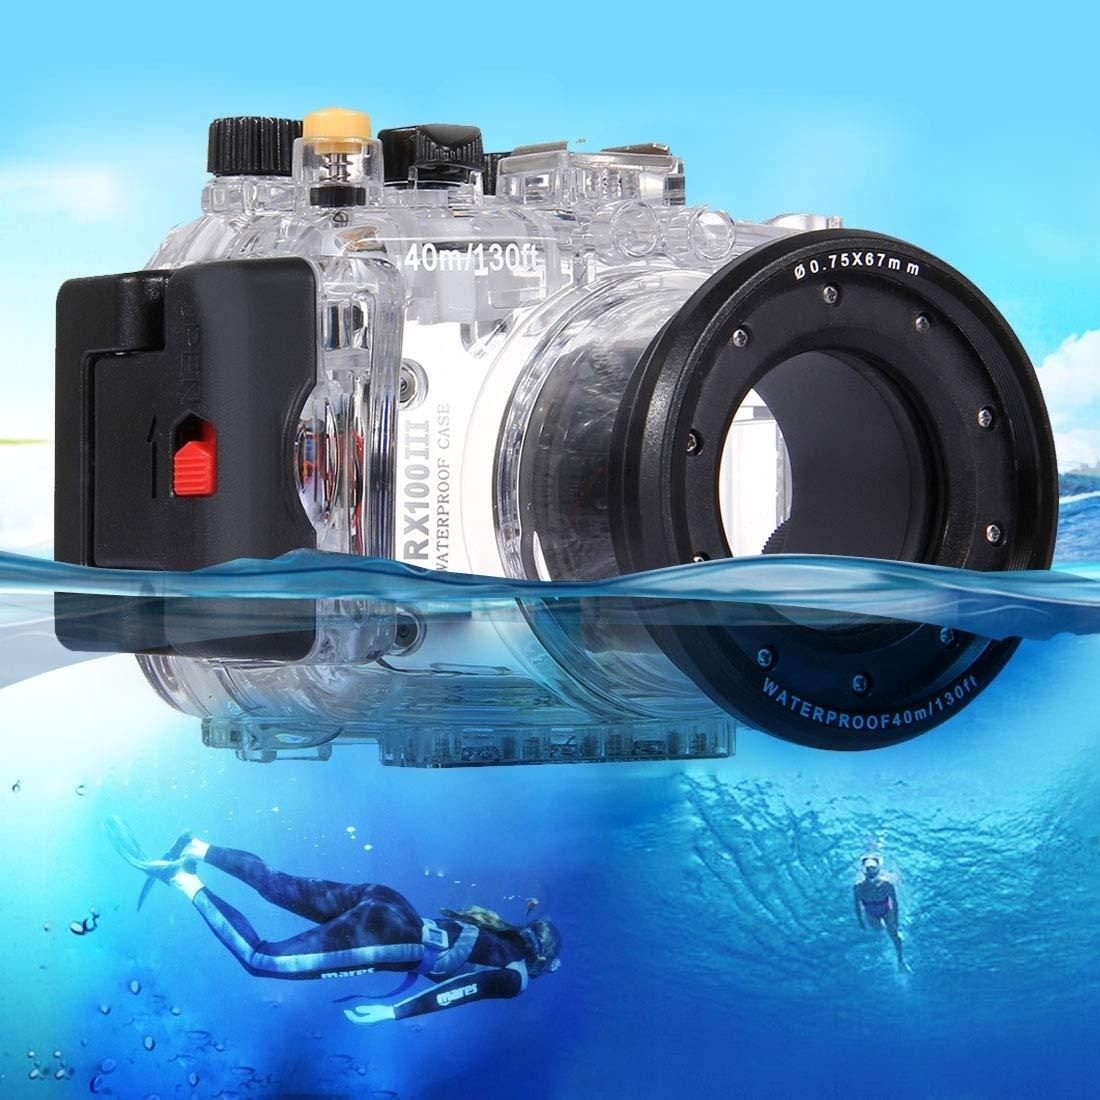 ソニーRX100 IIIのための40メートルの水中深度ダイビングケース防水カメラハウジング   B07PB5R335